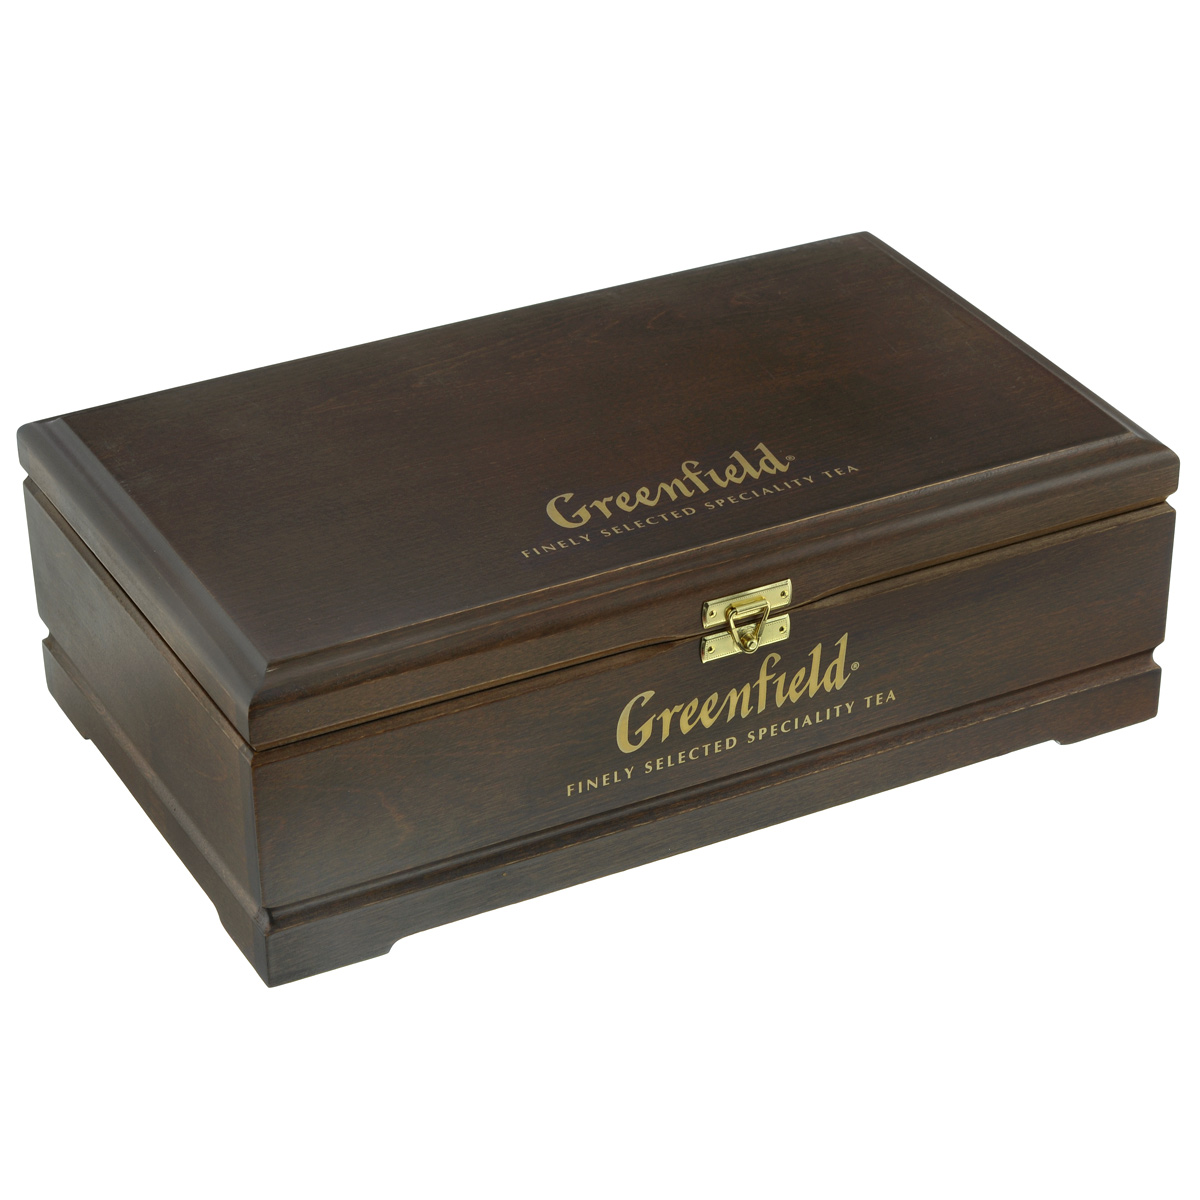 Greenfield подарочный набор: 8 видов чая, 178 г (деревянная шкатулка) гринфилд чай фруктовый